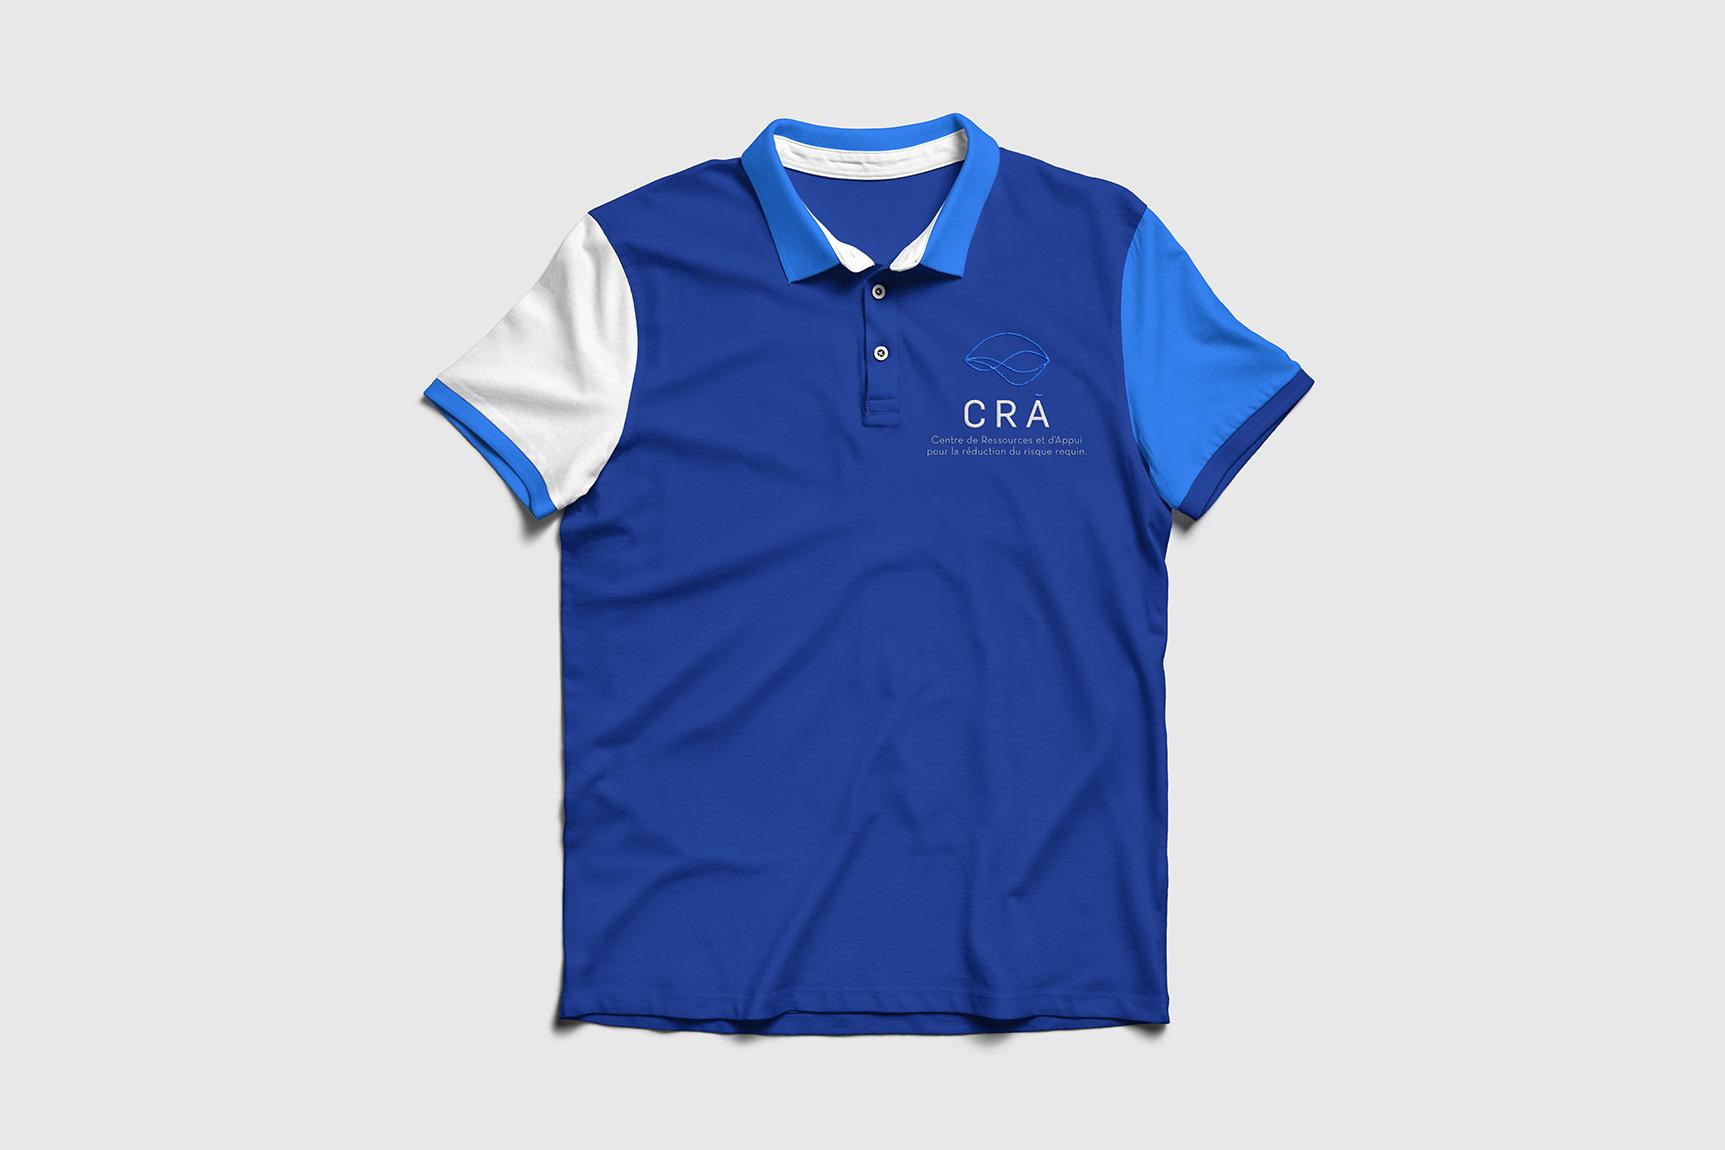 cra-4